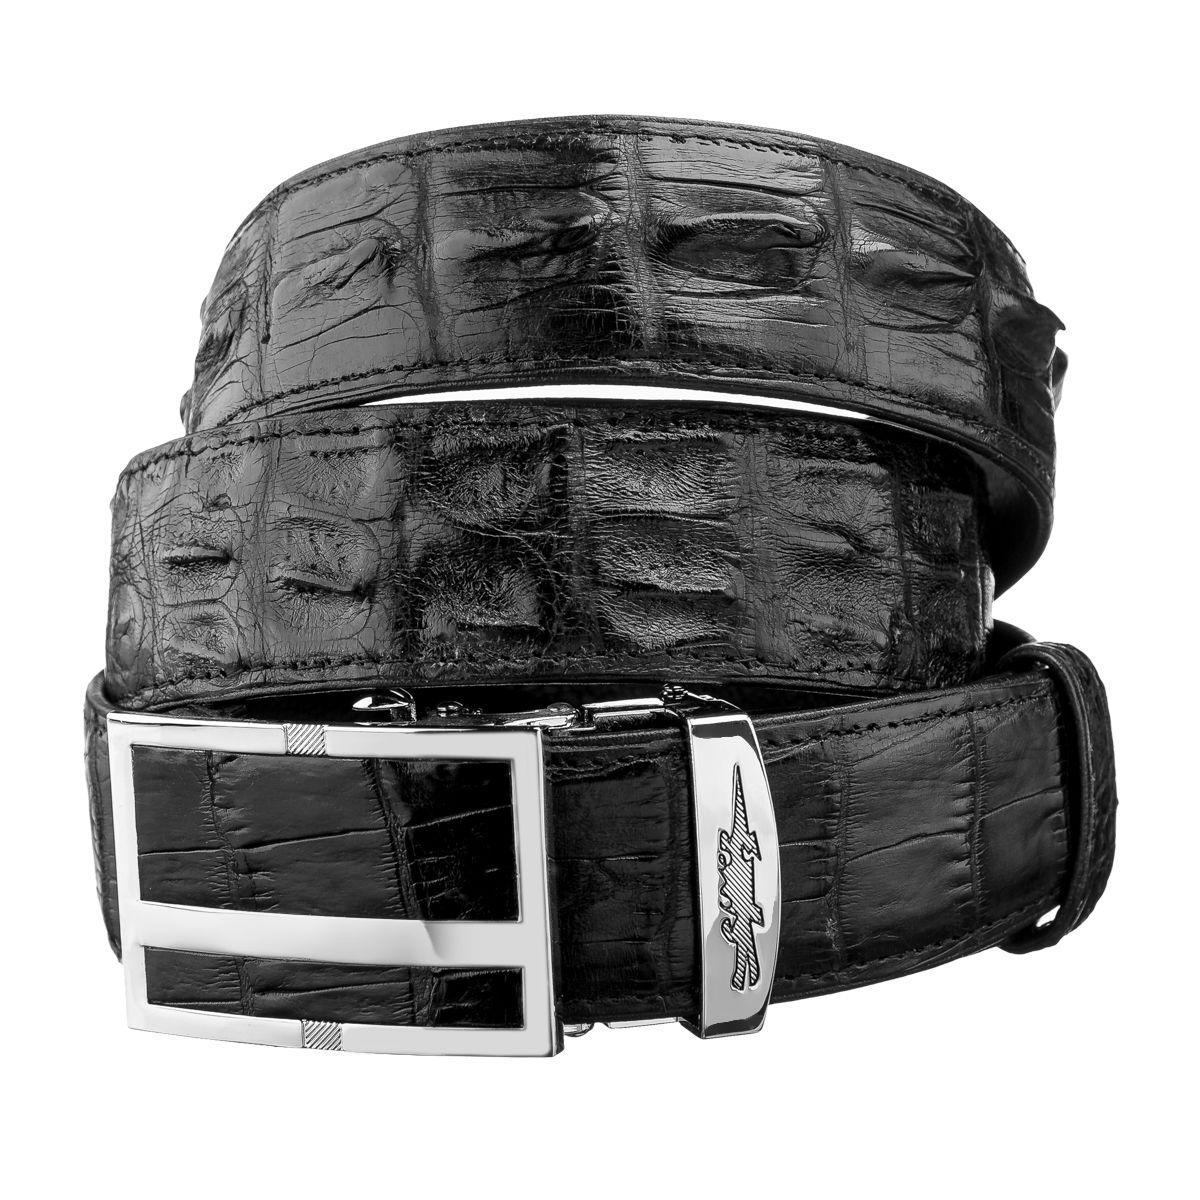 Ремень-автомат Ekzotic Leather из натуральной кожи крокодила Черный, фото 1